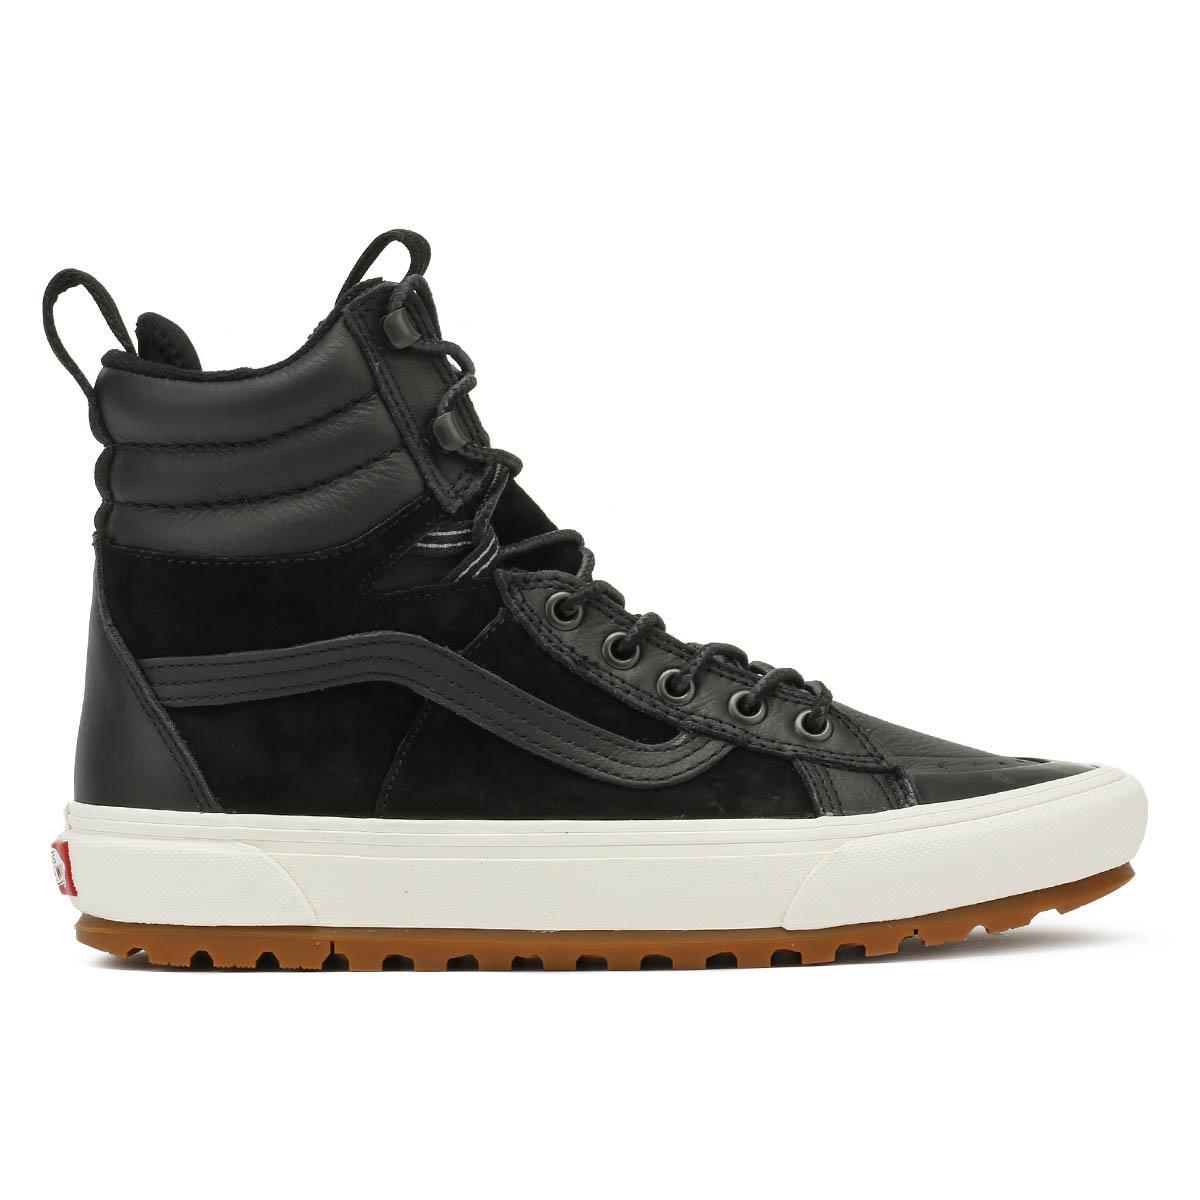 Vans - Sk8-hi Mte Dx Black Boots for Men - Lyst. View fullscreen bffdae64d